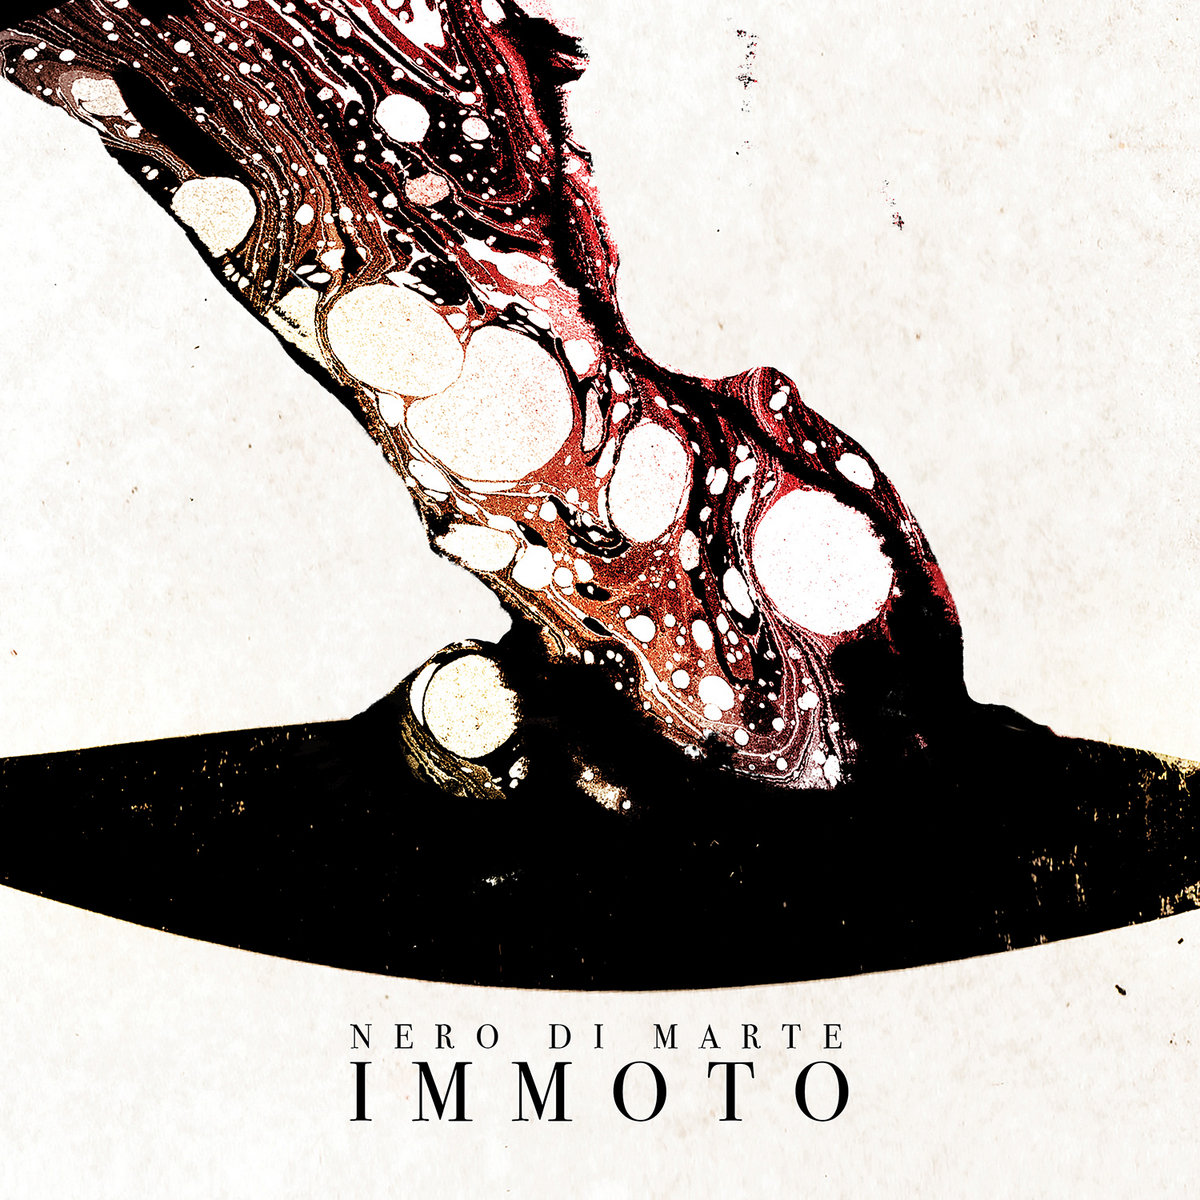 """NERO DI MARTE """"Immoto"""" - blog o muzyce metalowej, recenzje płyt"""